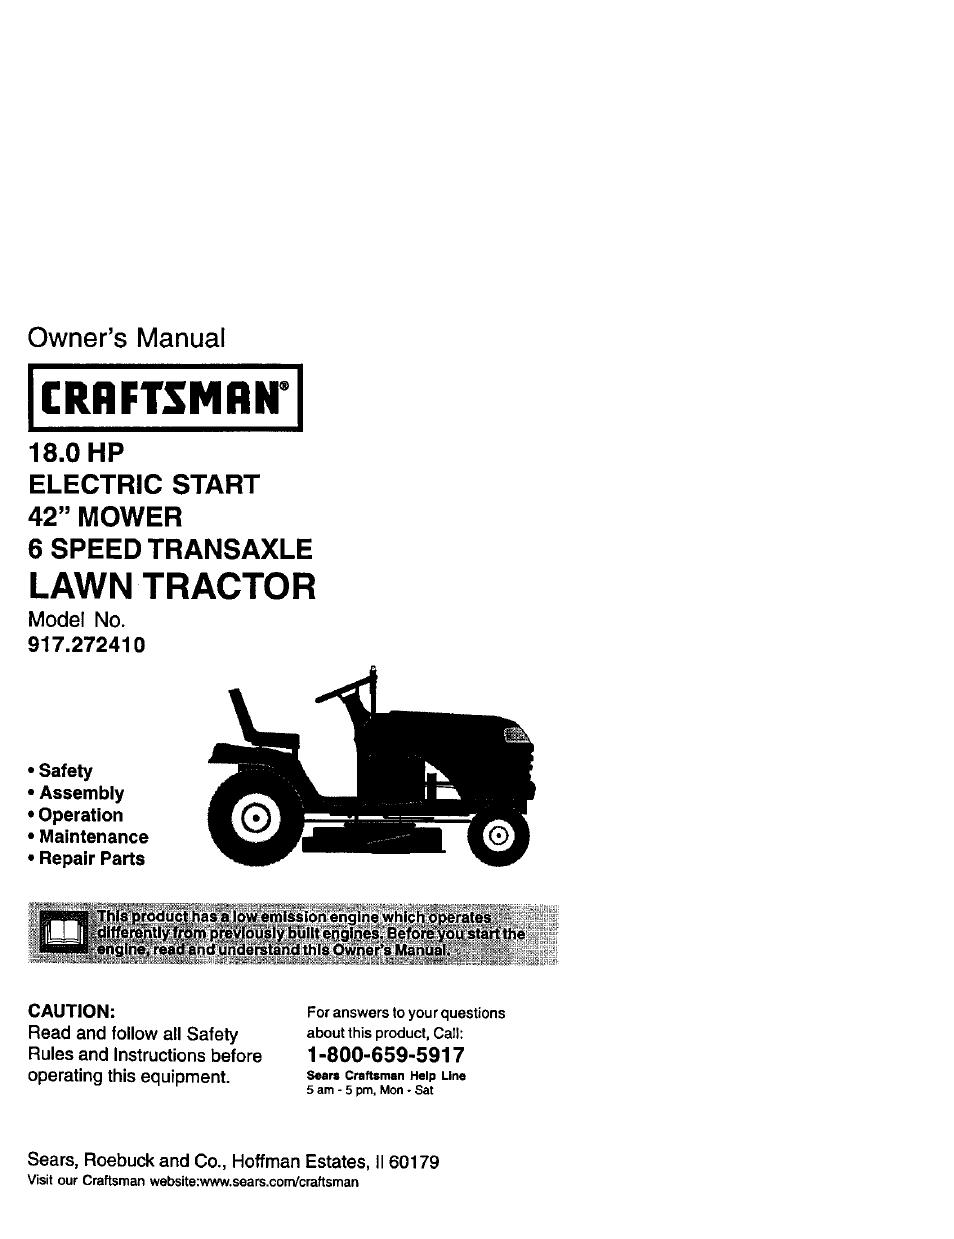 medium resolution of craftsman gt3000 garden tractor wiring diagram wiring librarycraftsman gt3000 garden tractor wiring diagram 12